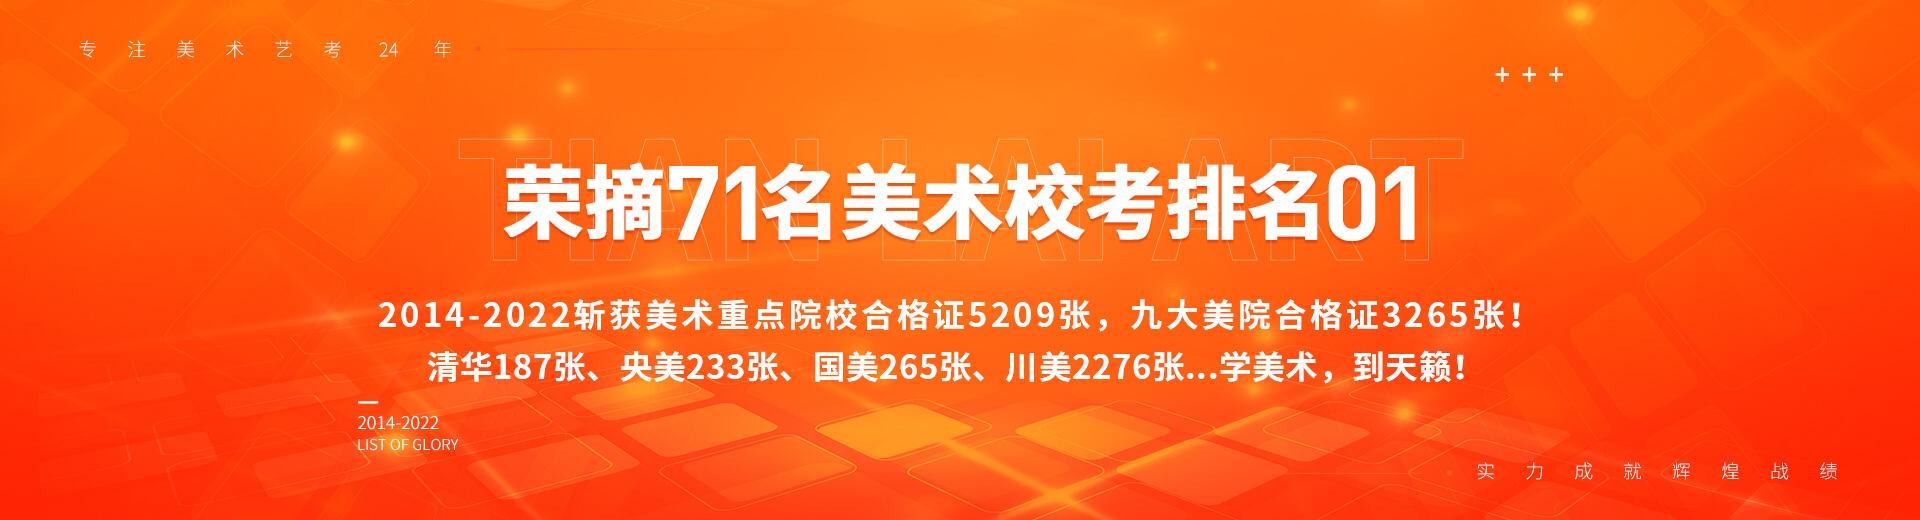 2014-2021天籁荣耀榜